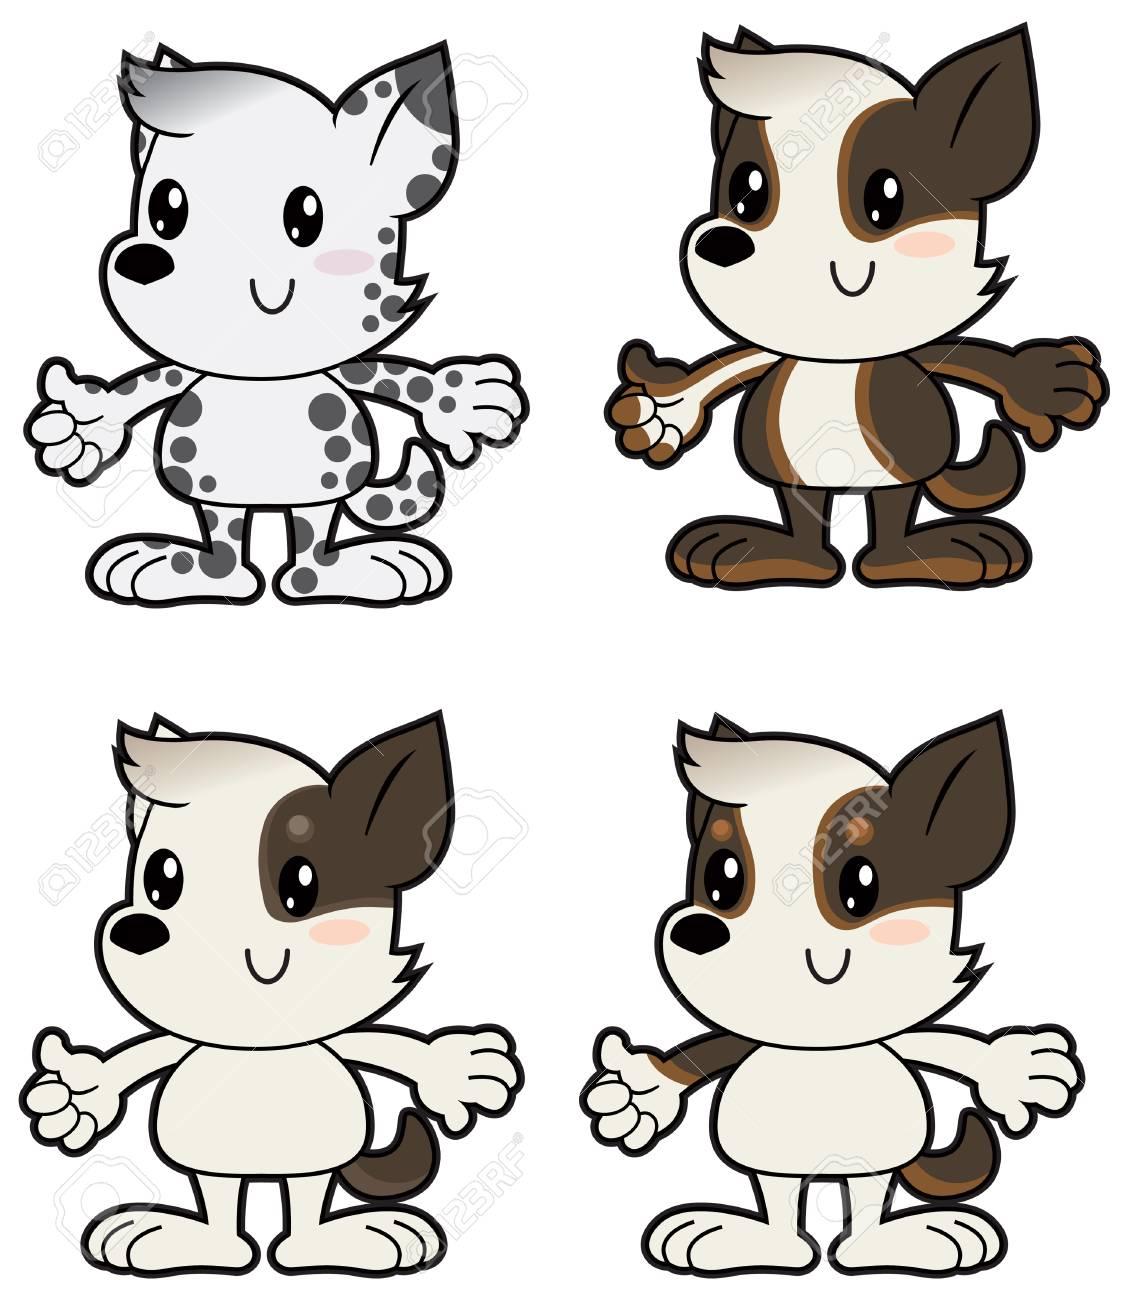 Dibujos Animados Pequeños Perros En Diversos Colores Ilustraciones